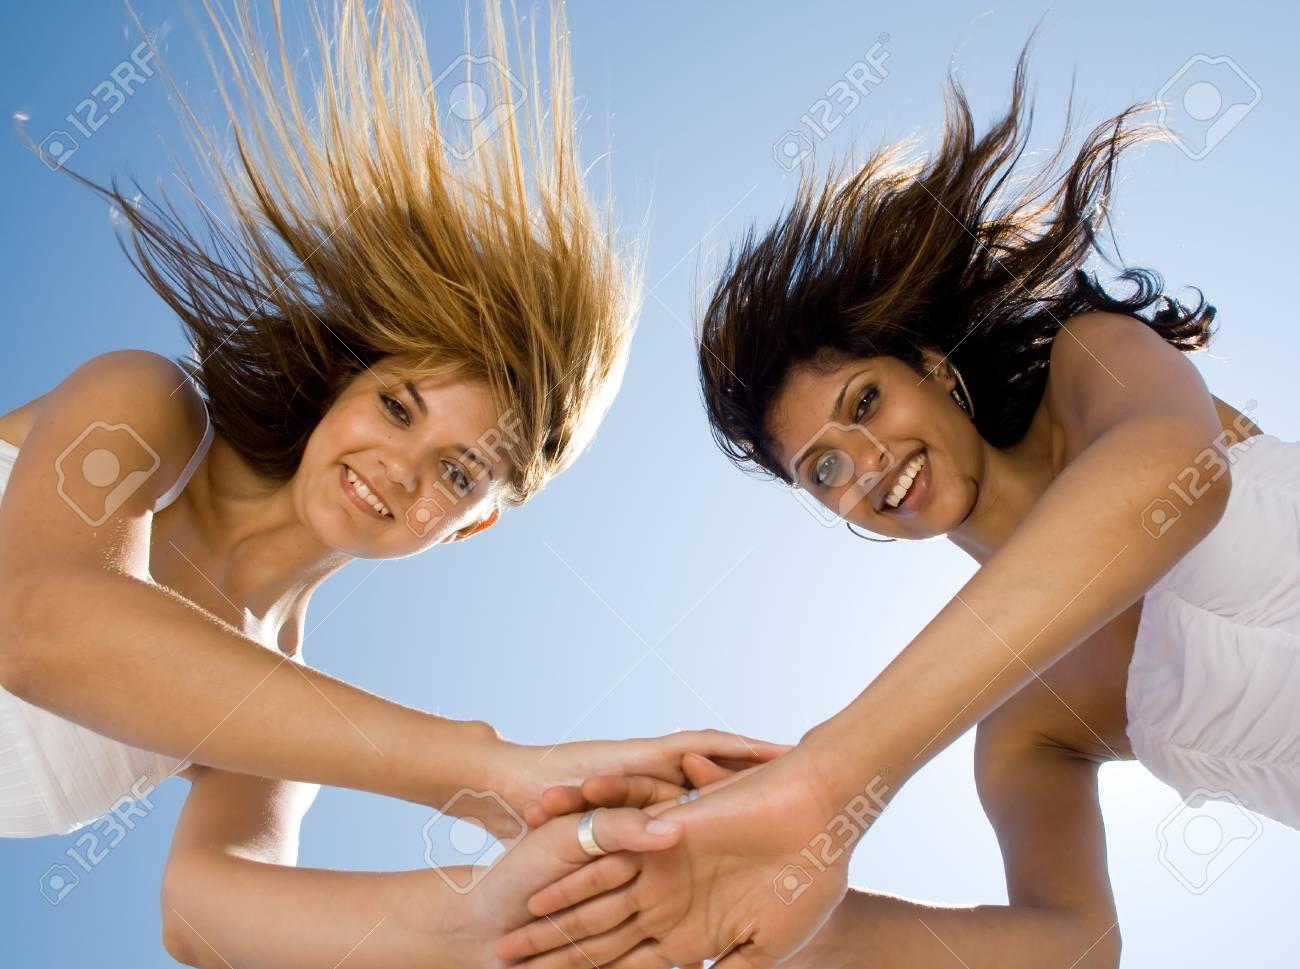 two young women friends having fun on beach Stock Photo - 3944042